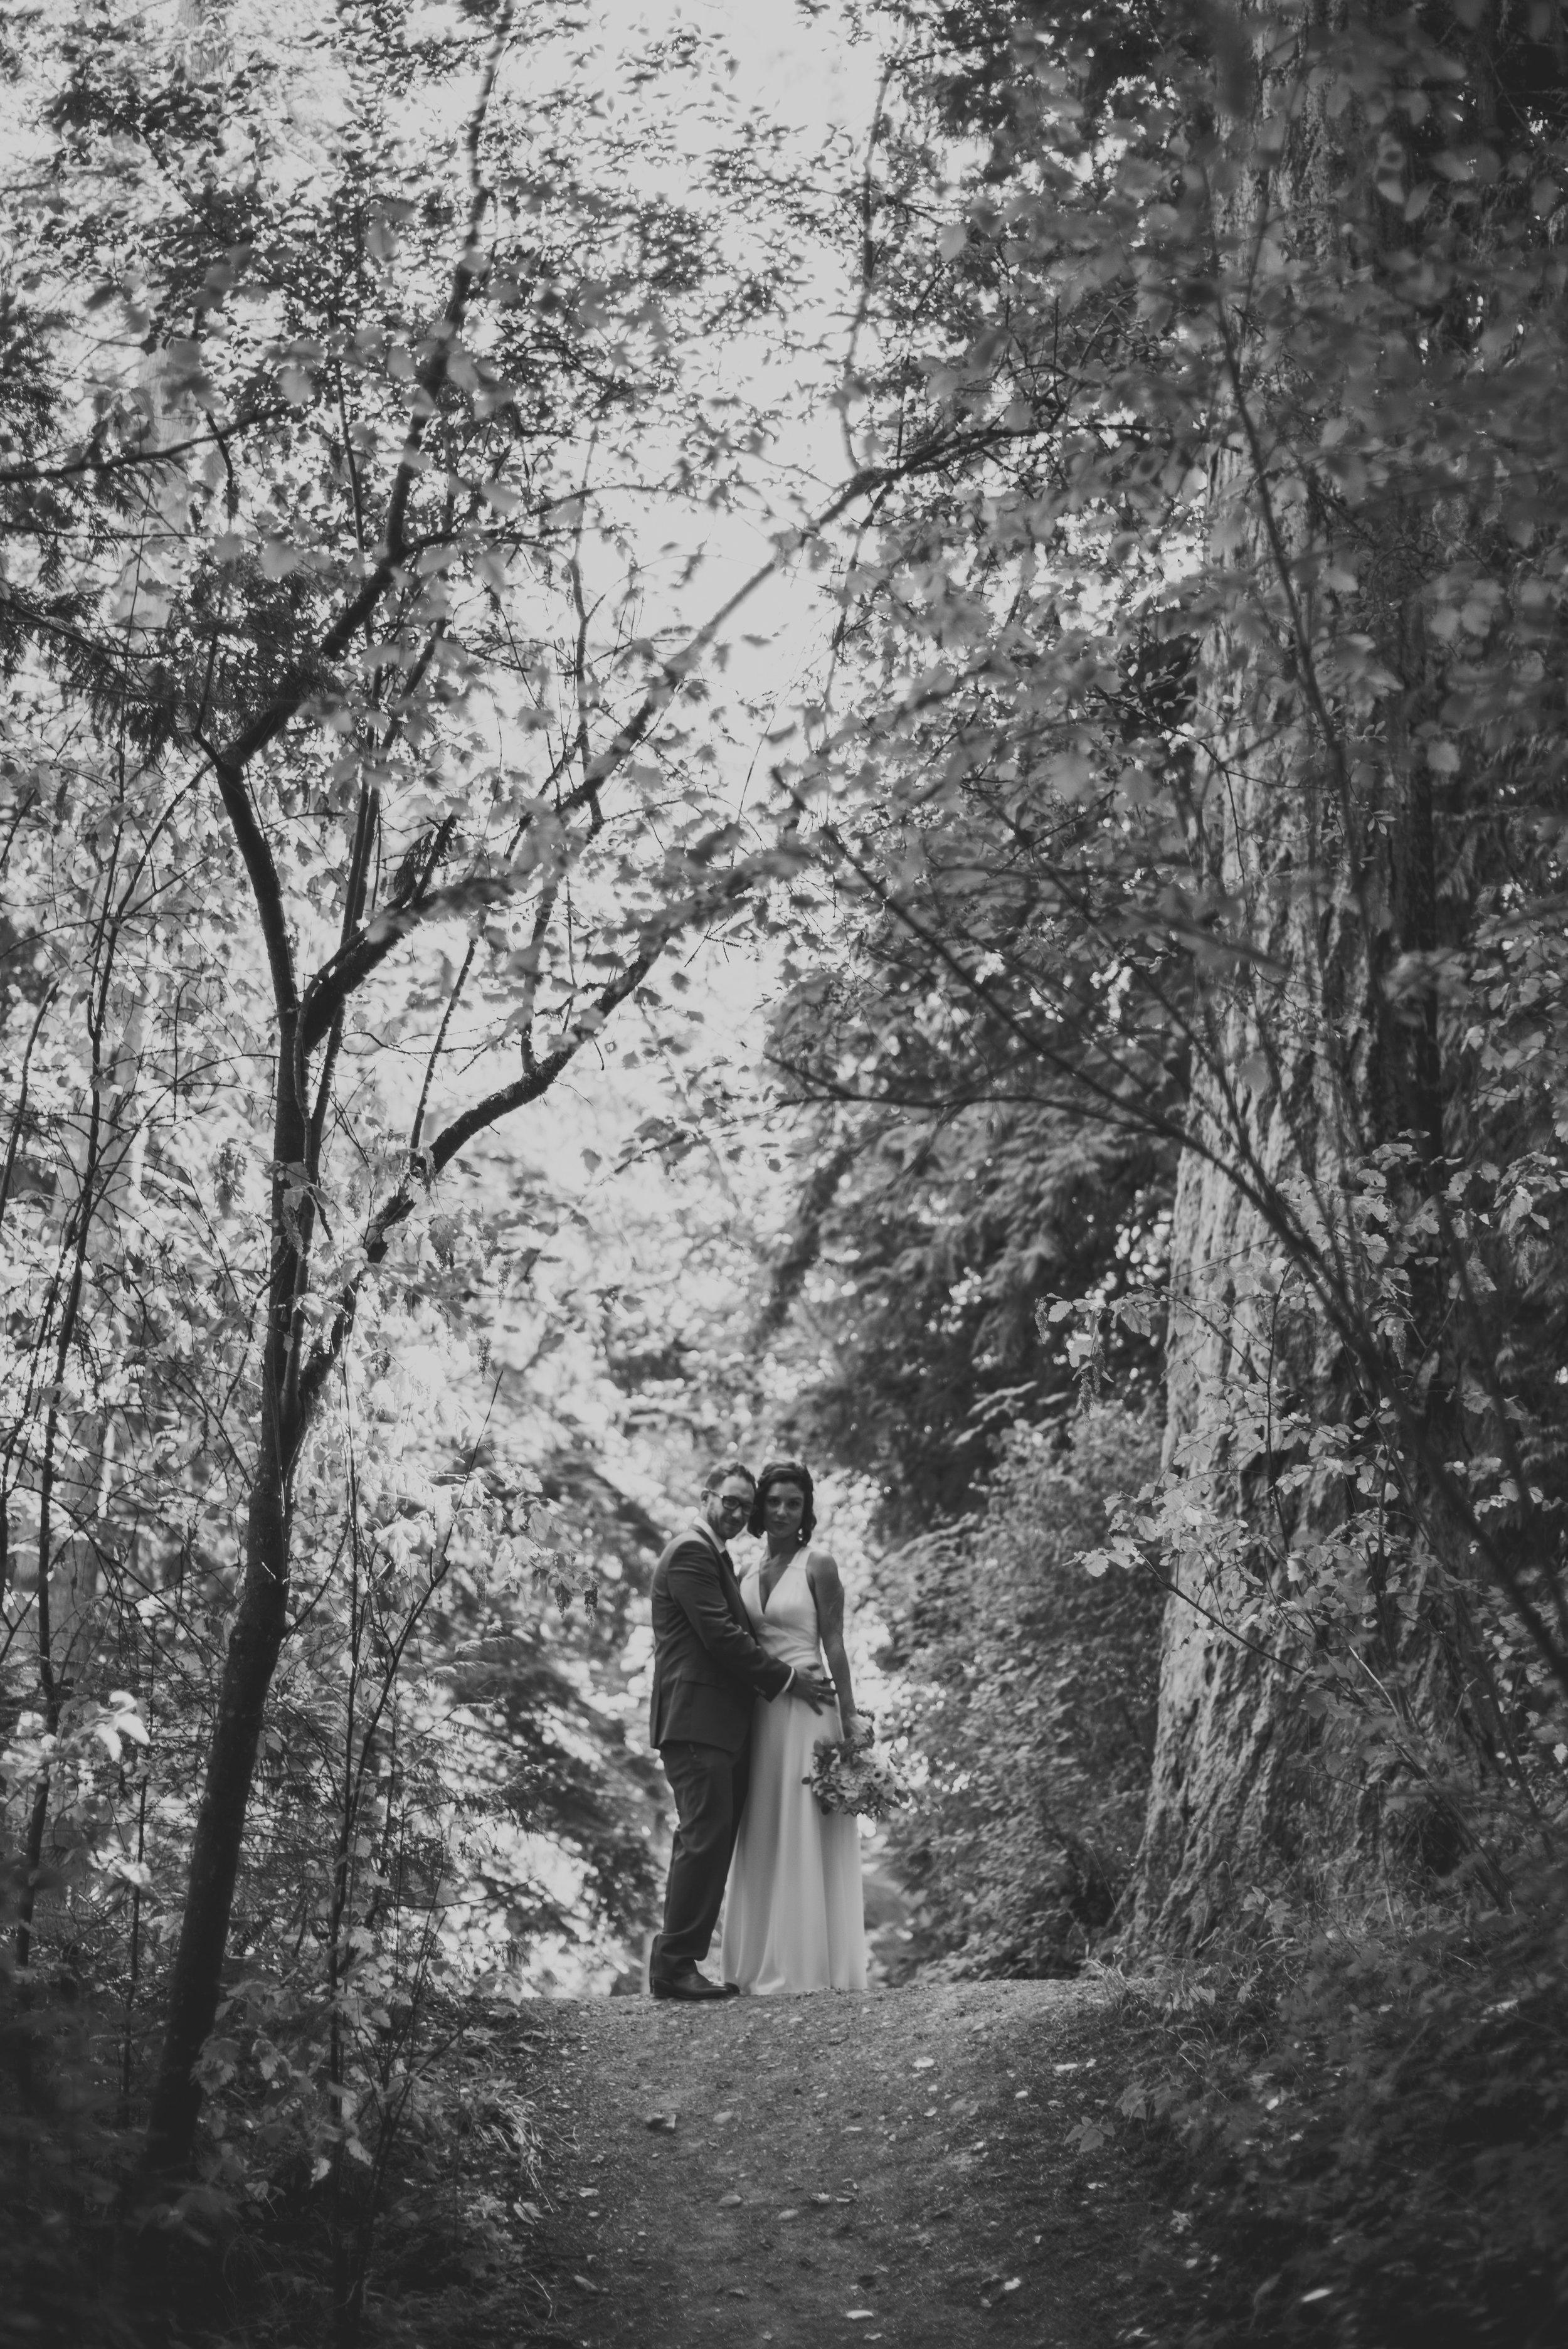 sequim-petrichor photo-elopement-desitination-pacific northwest-cross country-florist-washington-sublime stems-23.jpg